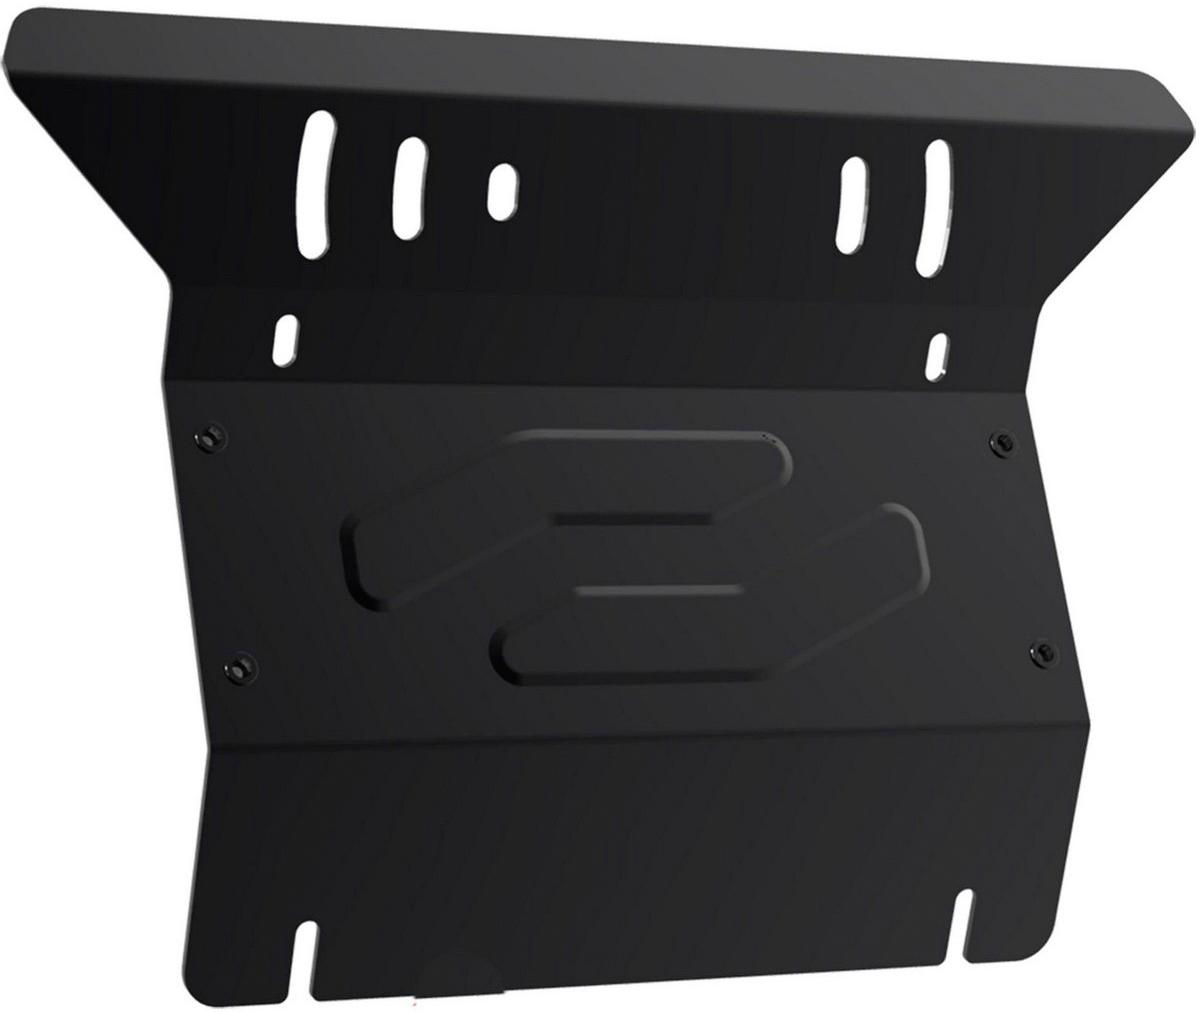 Защита радиатора Автоброня Toyota Hilux 2007-2015, сталь 2 мм111.05744.1Защита радиатора Автоброня Toyota Hilux, V - 2,5D-4D; 3,0TD 2007-2015, сталь 2 мм, комплект крепежа, 111.05744.1 Дополнительно можно приобрести другие защитные элементы из комплекта: защита картера - 1.05745.1, защита КПП - 111.05746.1Стальные защиты Автоброня надежно защищают ваш автомобиль от повреждений при наезде на бордюры, выступающие канализационные люки, кромки поврежденного асфальта или при ремонте дорог, не говоря уже о загородных дорогах. - Имеют оптимальное соотношение цена-качество. - Спроектированы с учетом особенностей автомобиля, что делает установку удобной. - Защита устанавливается в штатные места кузова автомобиля. - Является надежной защитой для важных элементов на протяжении долгих лет. - Глубокий штамп дополнительно усиливает конструкцию защиты. - Подштамповка в местах крепления защищает крепеж от срезания. - Технологические отверстия там, где они необходимы для смены масла и слива воды, оборудованные заглушками, закрепленными на защите. Толщина стали 2 мм. В комплекте крепеж и инструкция по установке.Уважаемые клиенты! Обращаем ваше внимание на тот факт, что защита имеет форму, соответствующую модели данного автомобиля. Наличие глубокого штампа и лючков для смены фильтров/масла предусмотрено не на всех защитах. Фото служит для визуального восприятия товара.